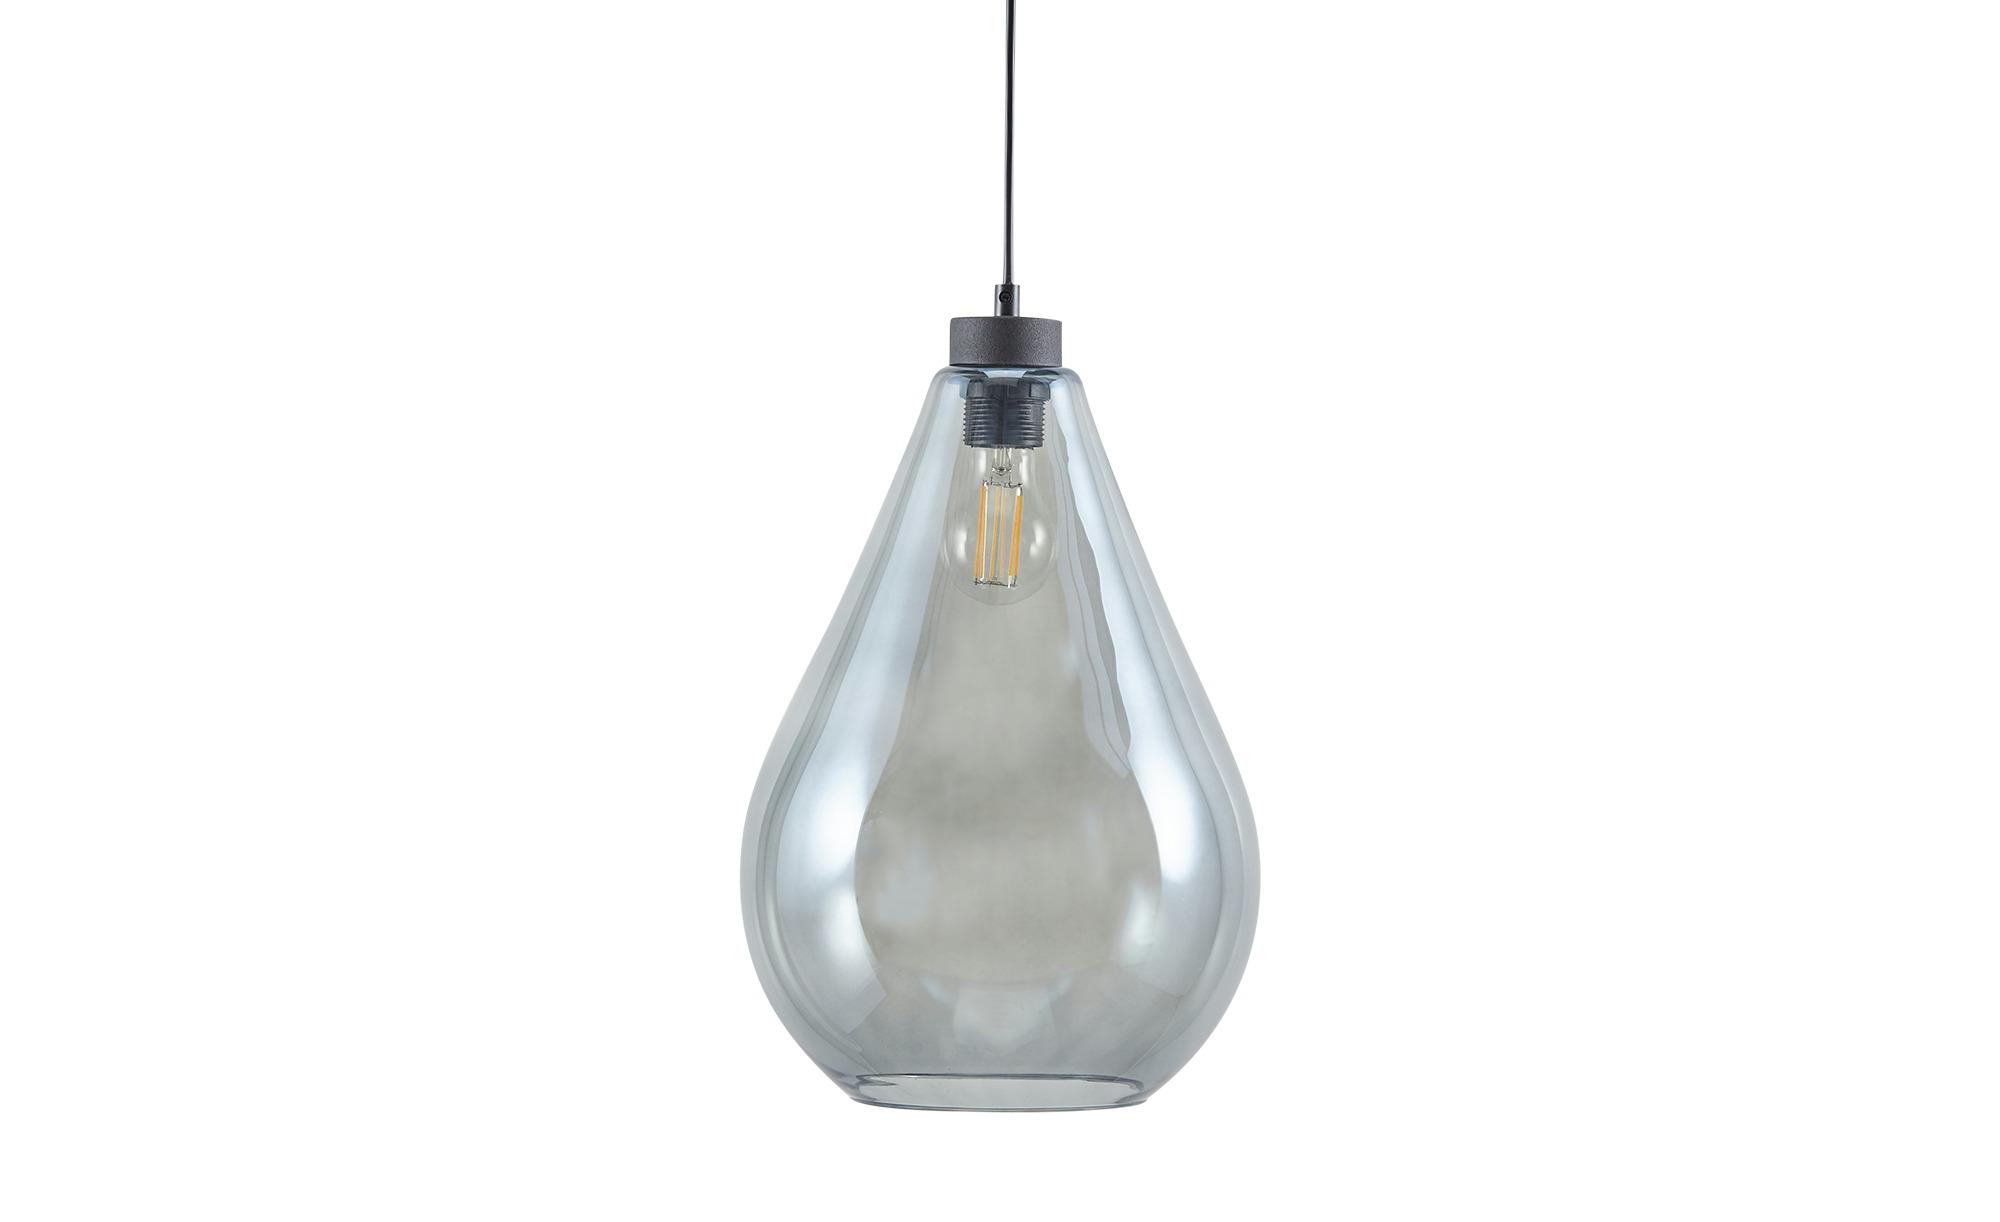 Pendelleuchte, 1-flammig, schwarz/Glas graphitfarben ¦ schwarz ¦ Maße (cm): H: 130 Ø: 24 Lampen & Leuchten > Innenleuchten > Pendelleuchten - Höffner